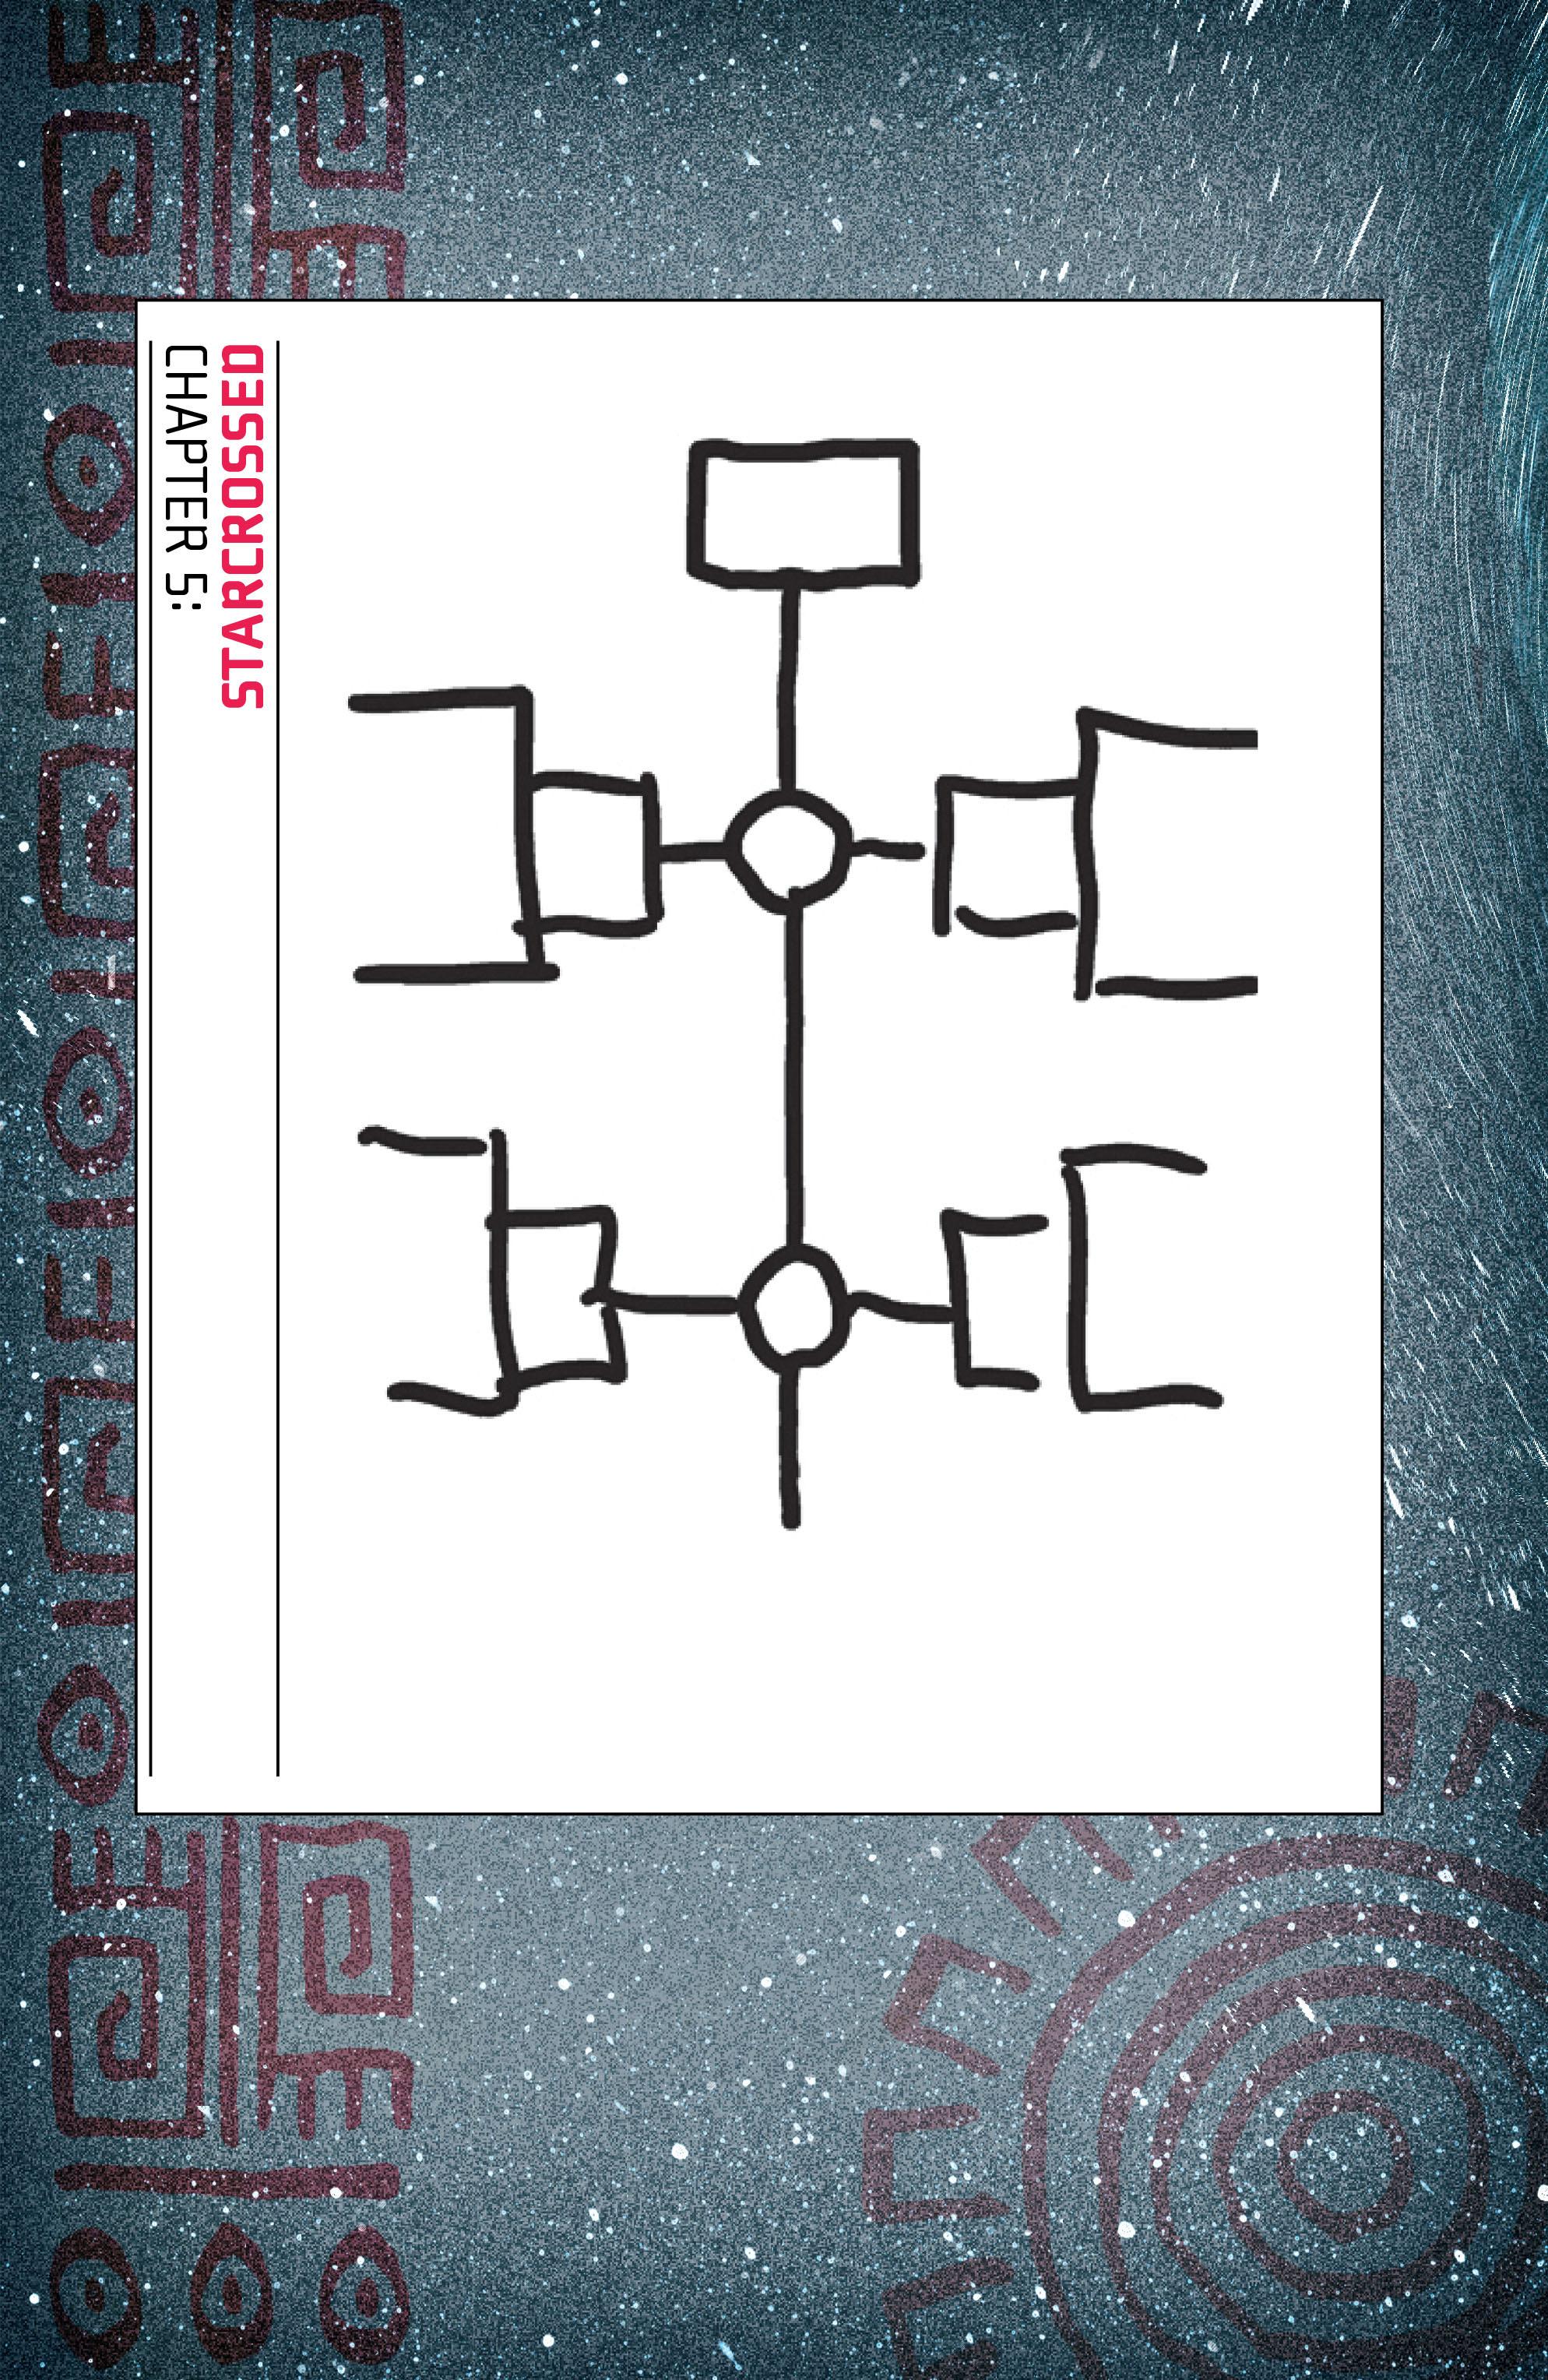 Read online Trillium comic -  Issue # TPB - 97